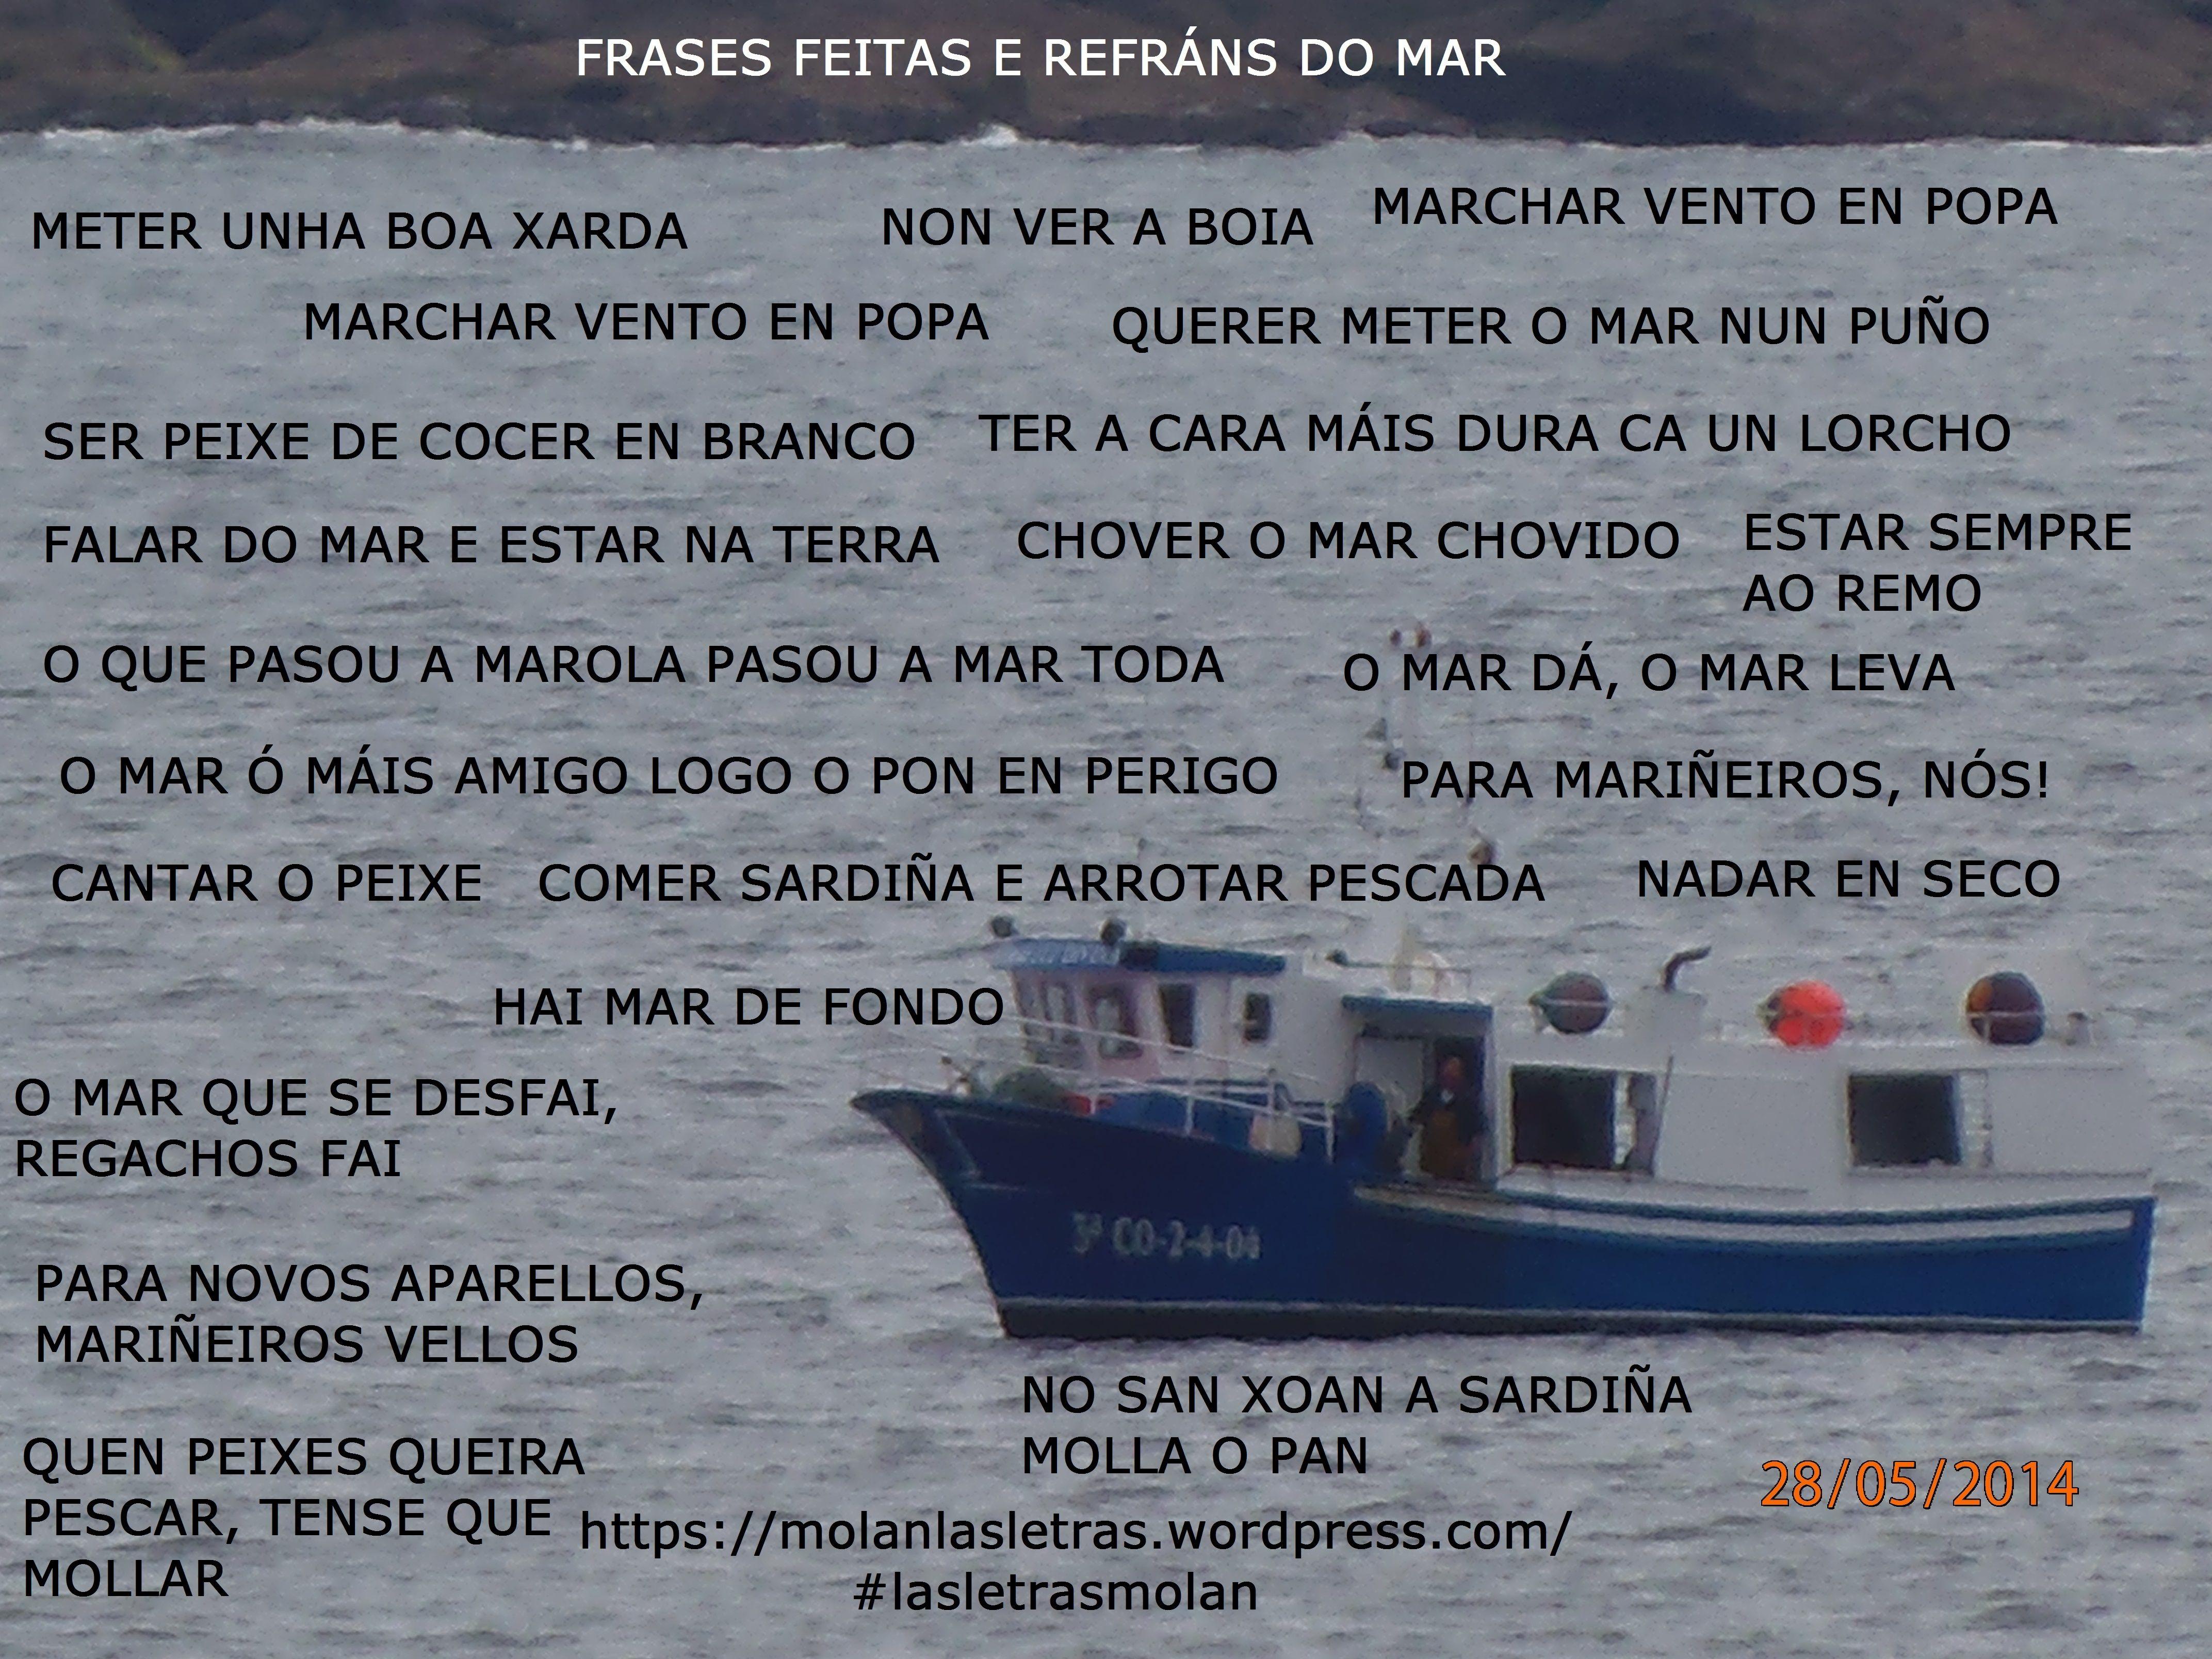 Frases Feitas E Refráns Galegos Que Gardan Relación Co Mar